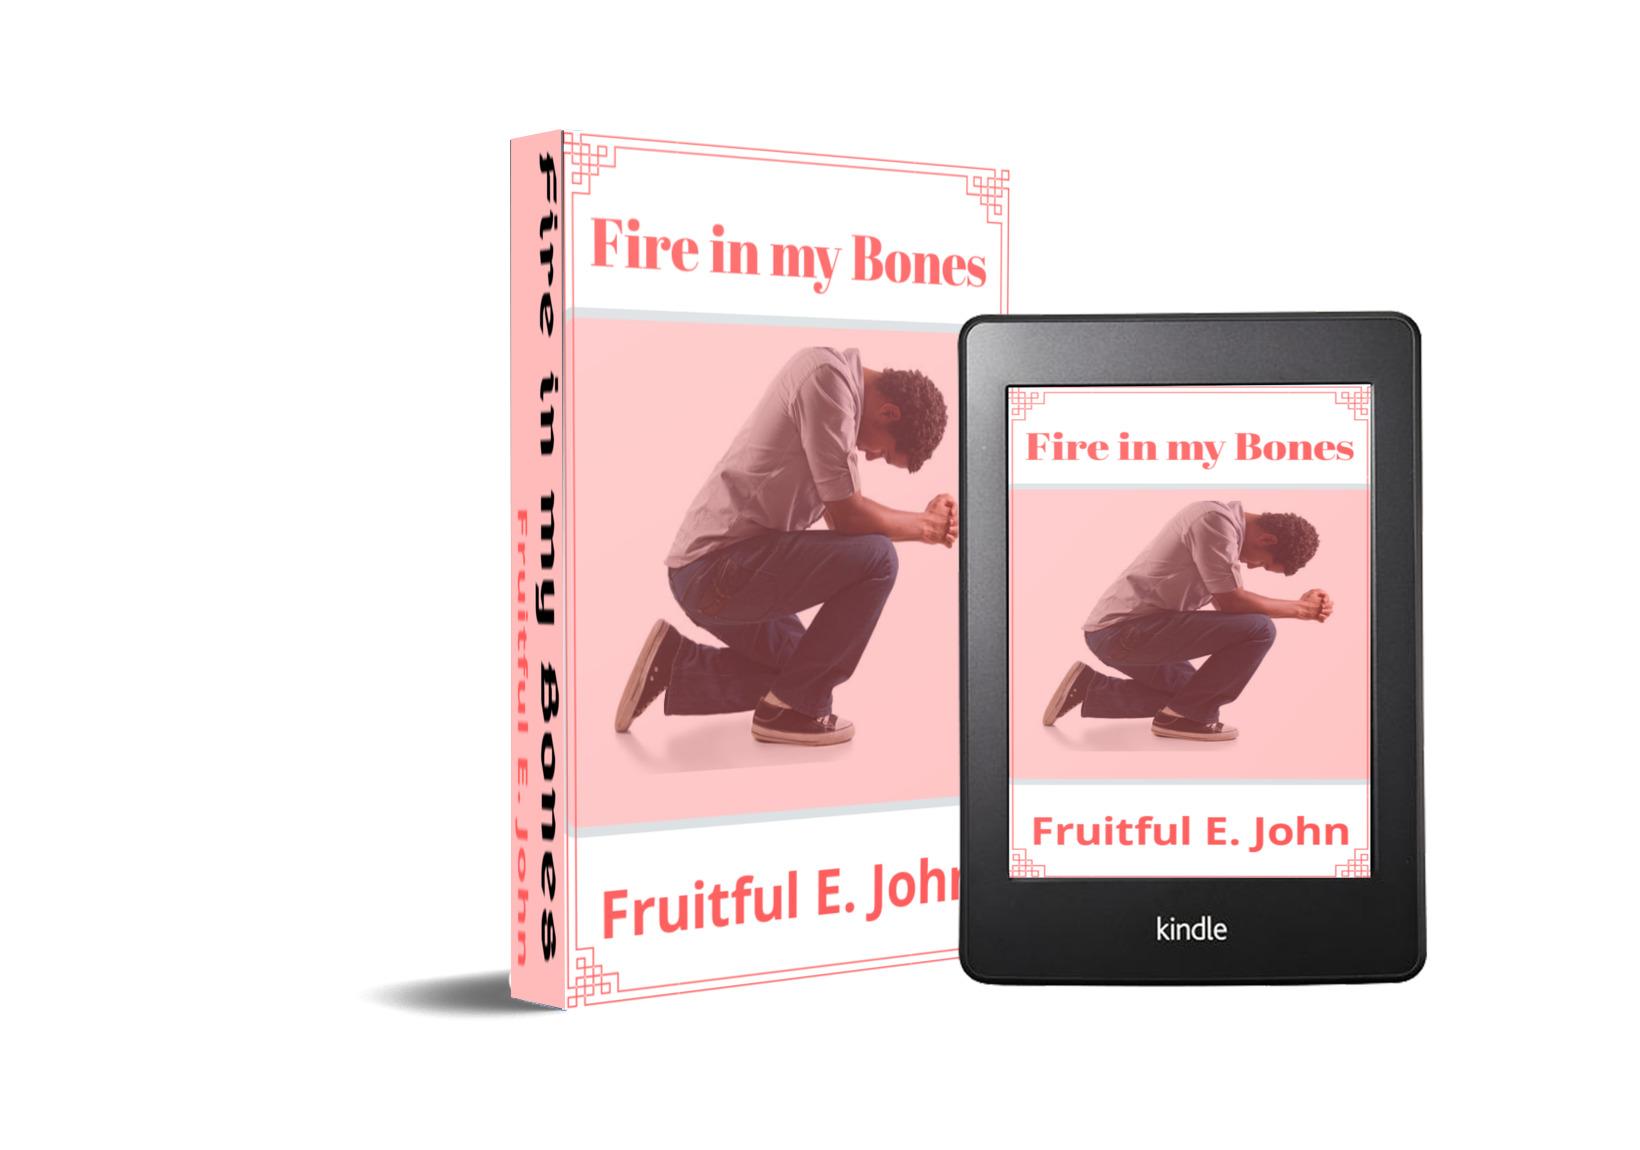 FIRE IN MY BONES BY FRUITFUL E. JOHN